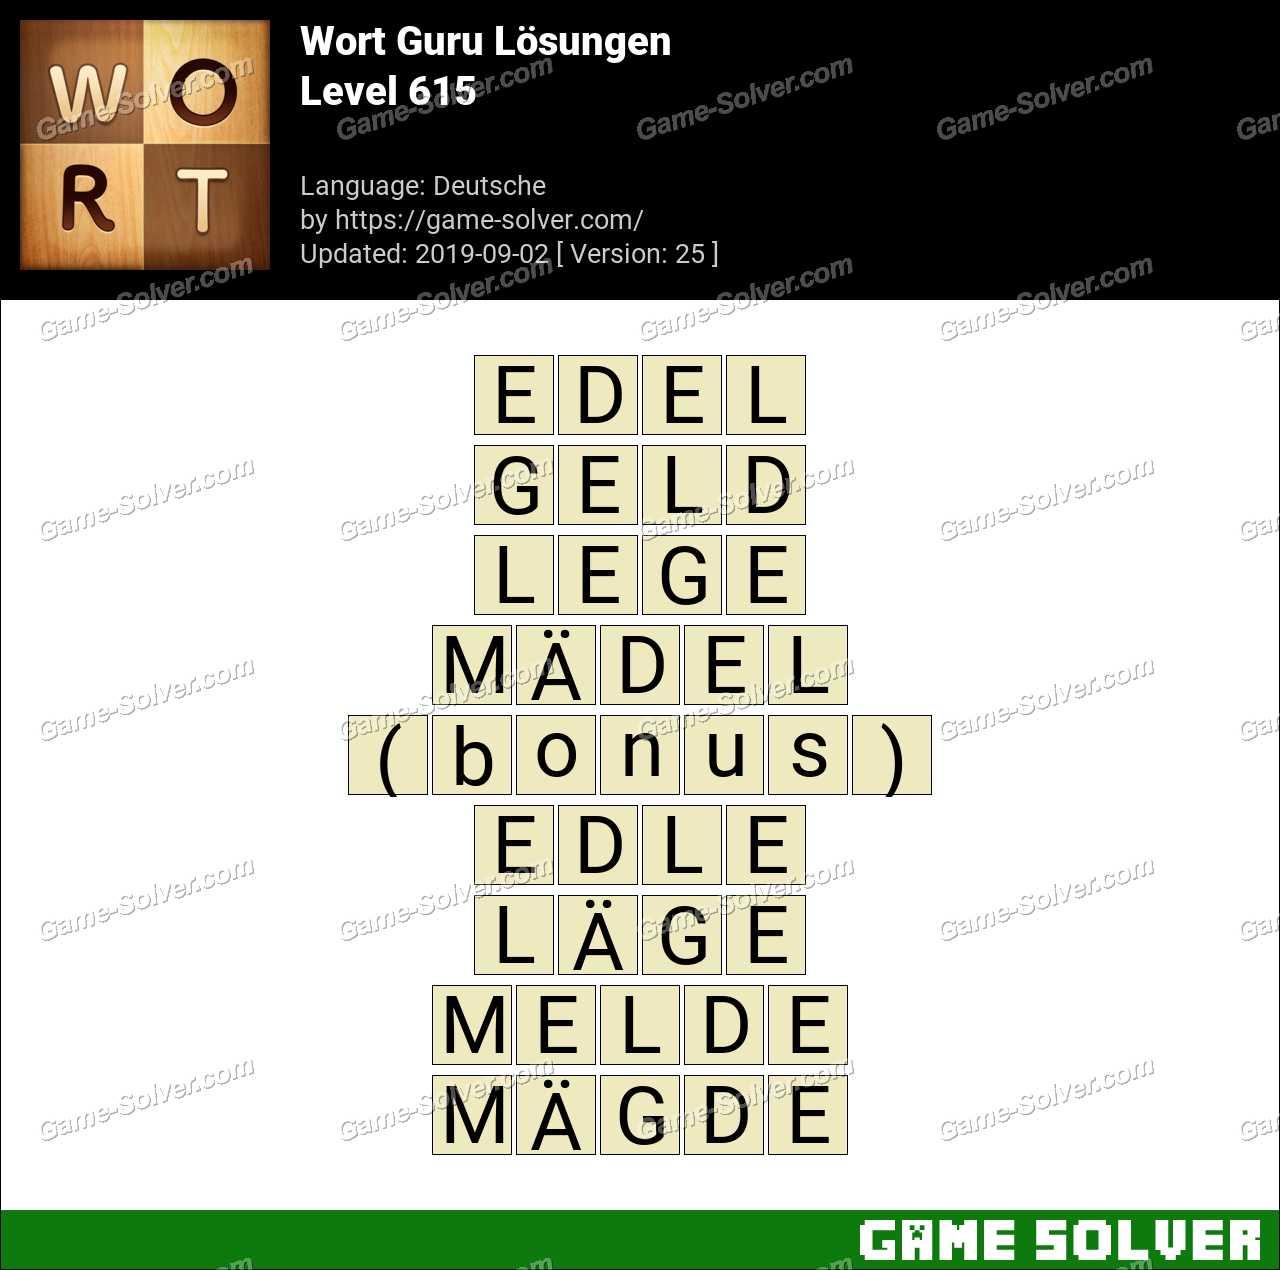 Wort Guru Level 615 Lösungen